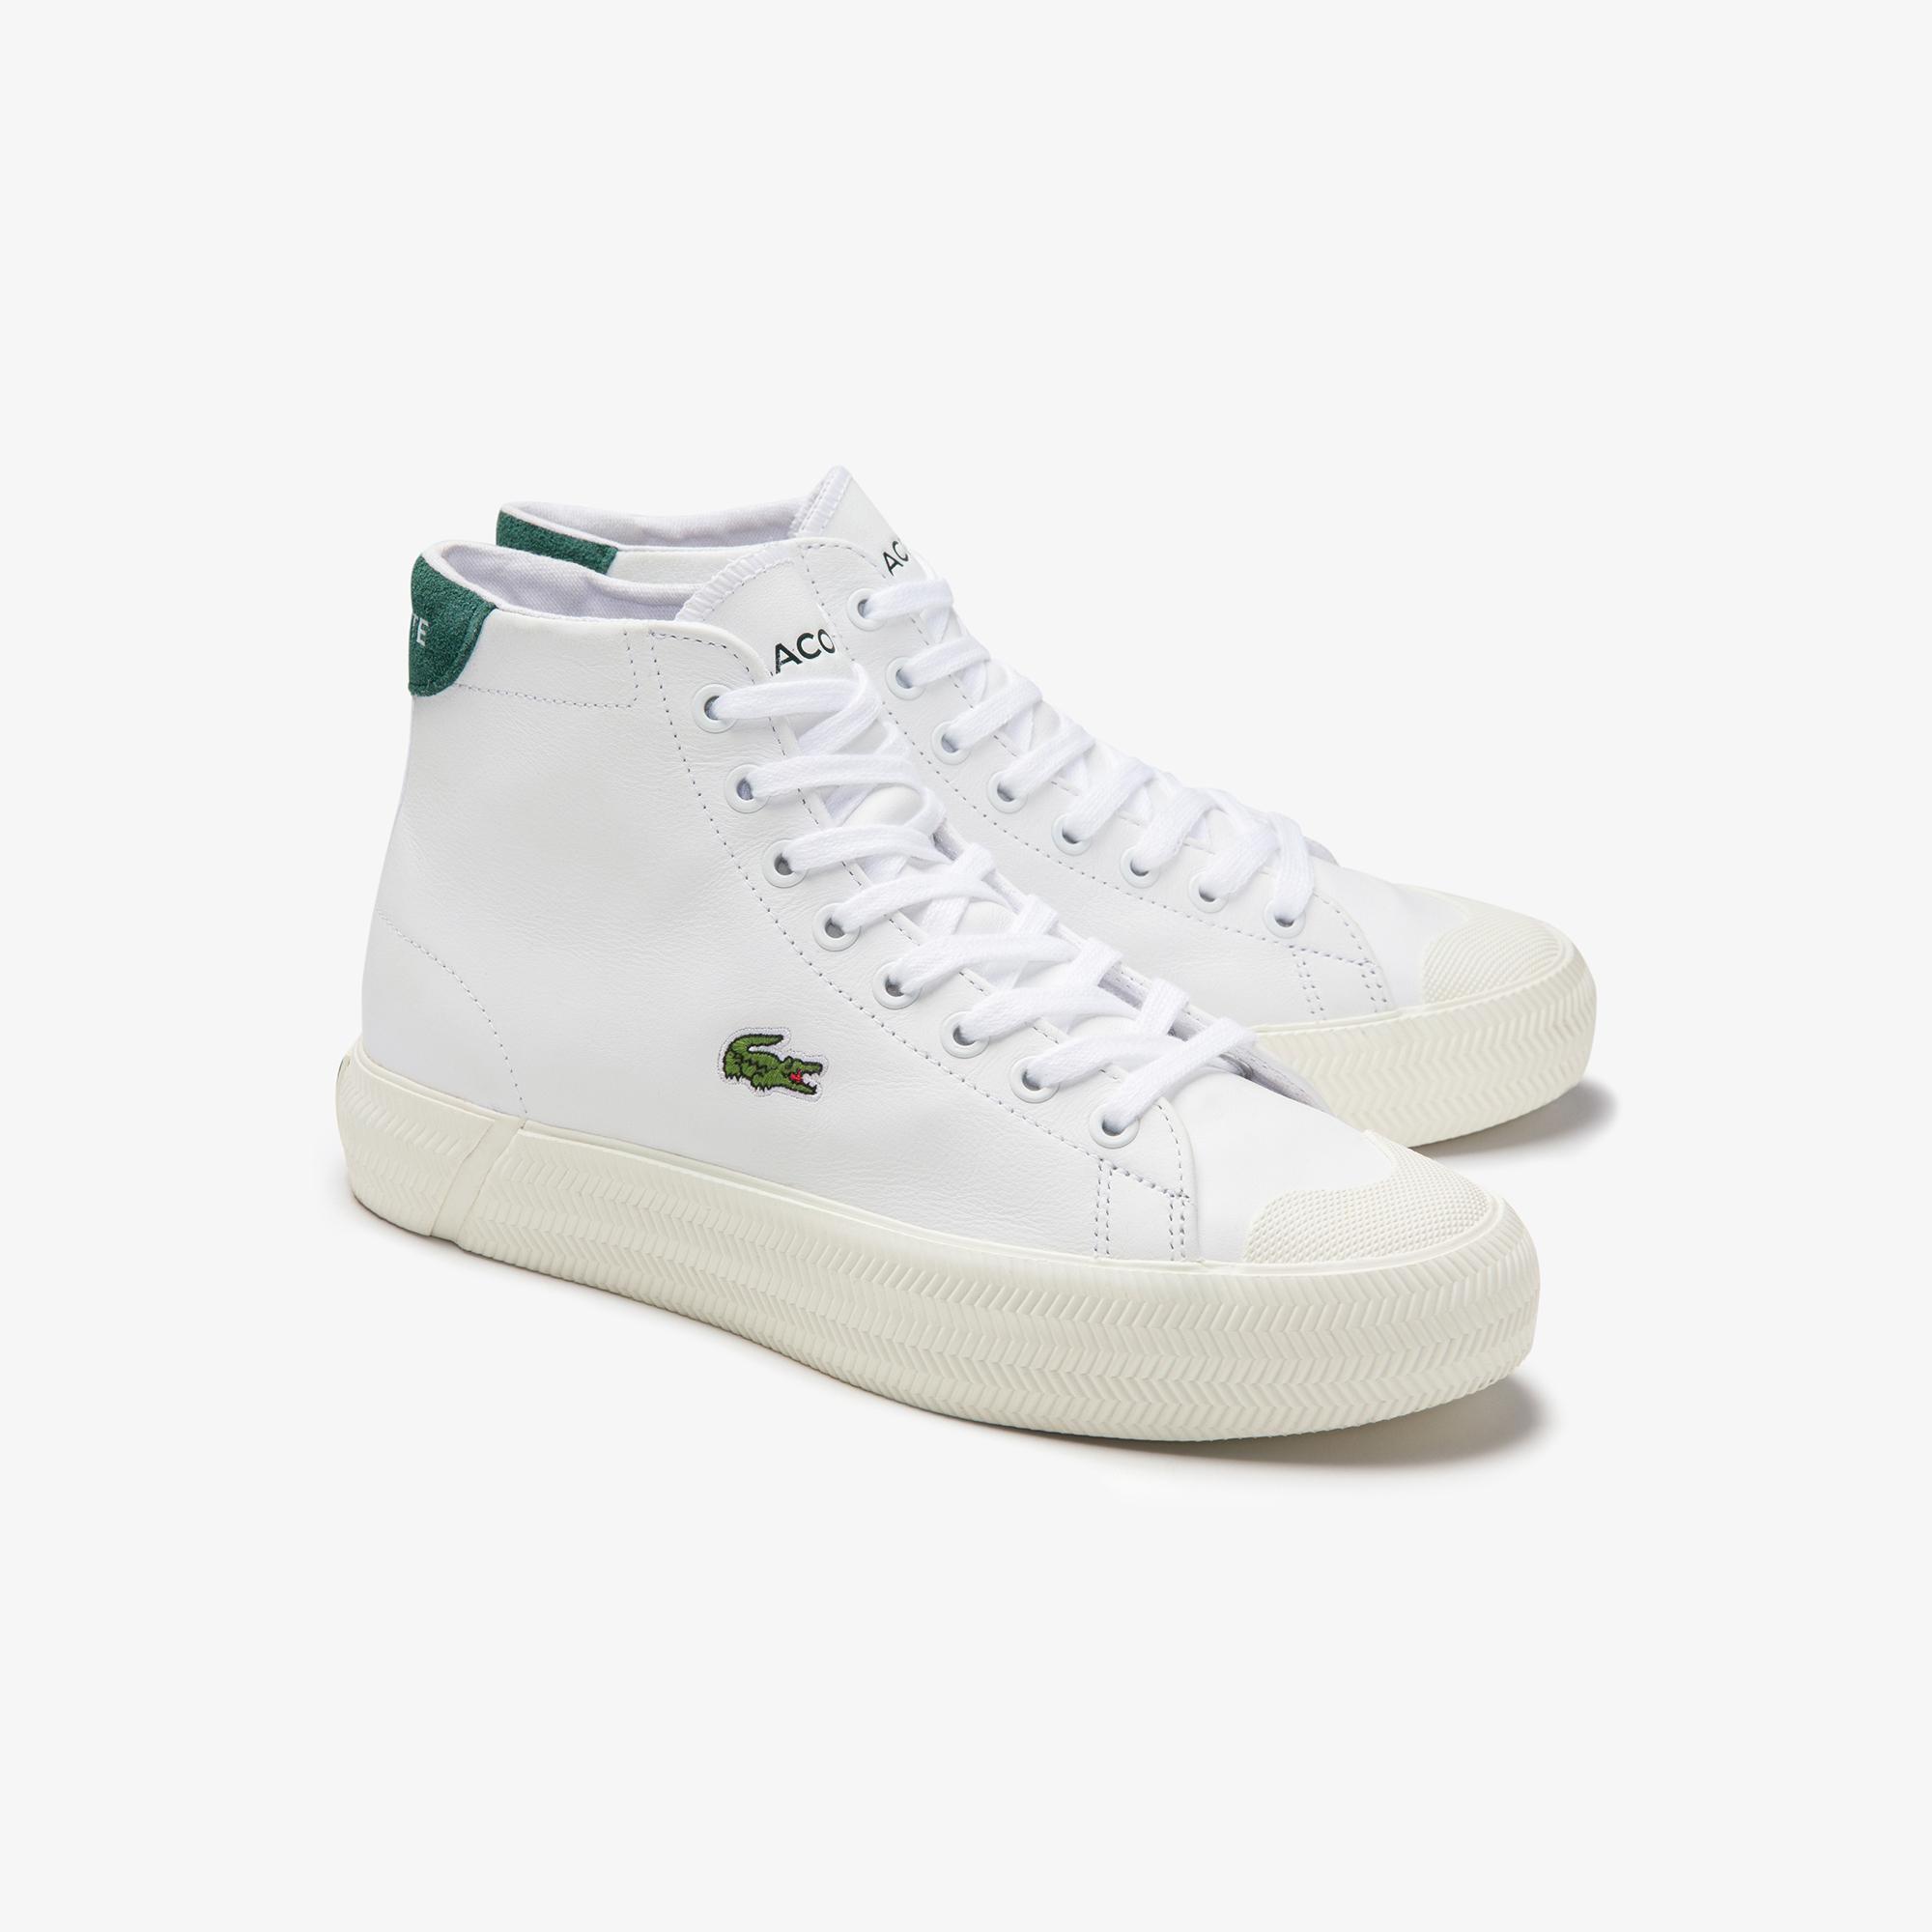 Lacoste Gripshot Mid 0120 1 Cfa Kadın Deri Beyaz - Koyu Yeşil Mid Ayakkabı